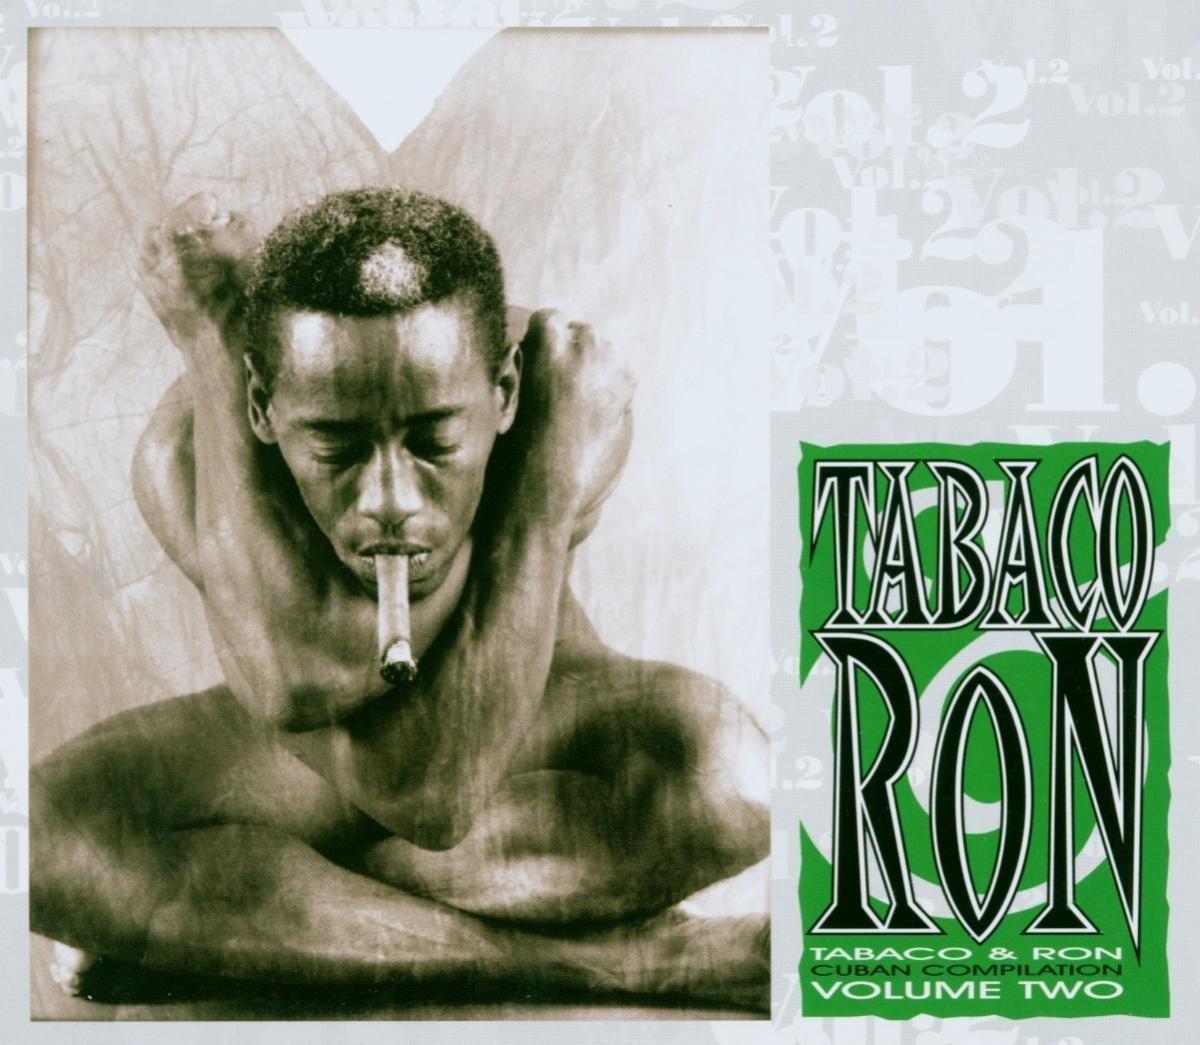 Tabaco & Ron Vol. 2: TABACO & RON: Amazon.es: Música